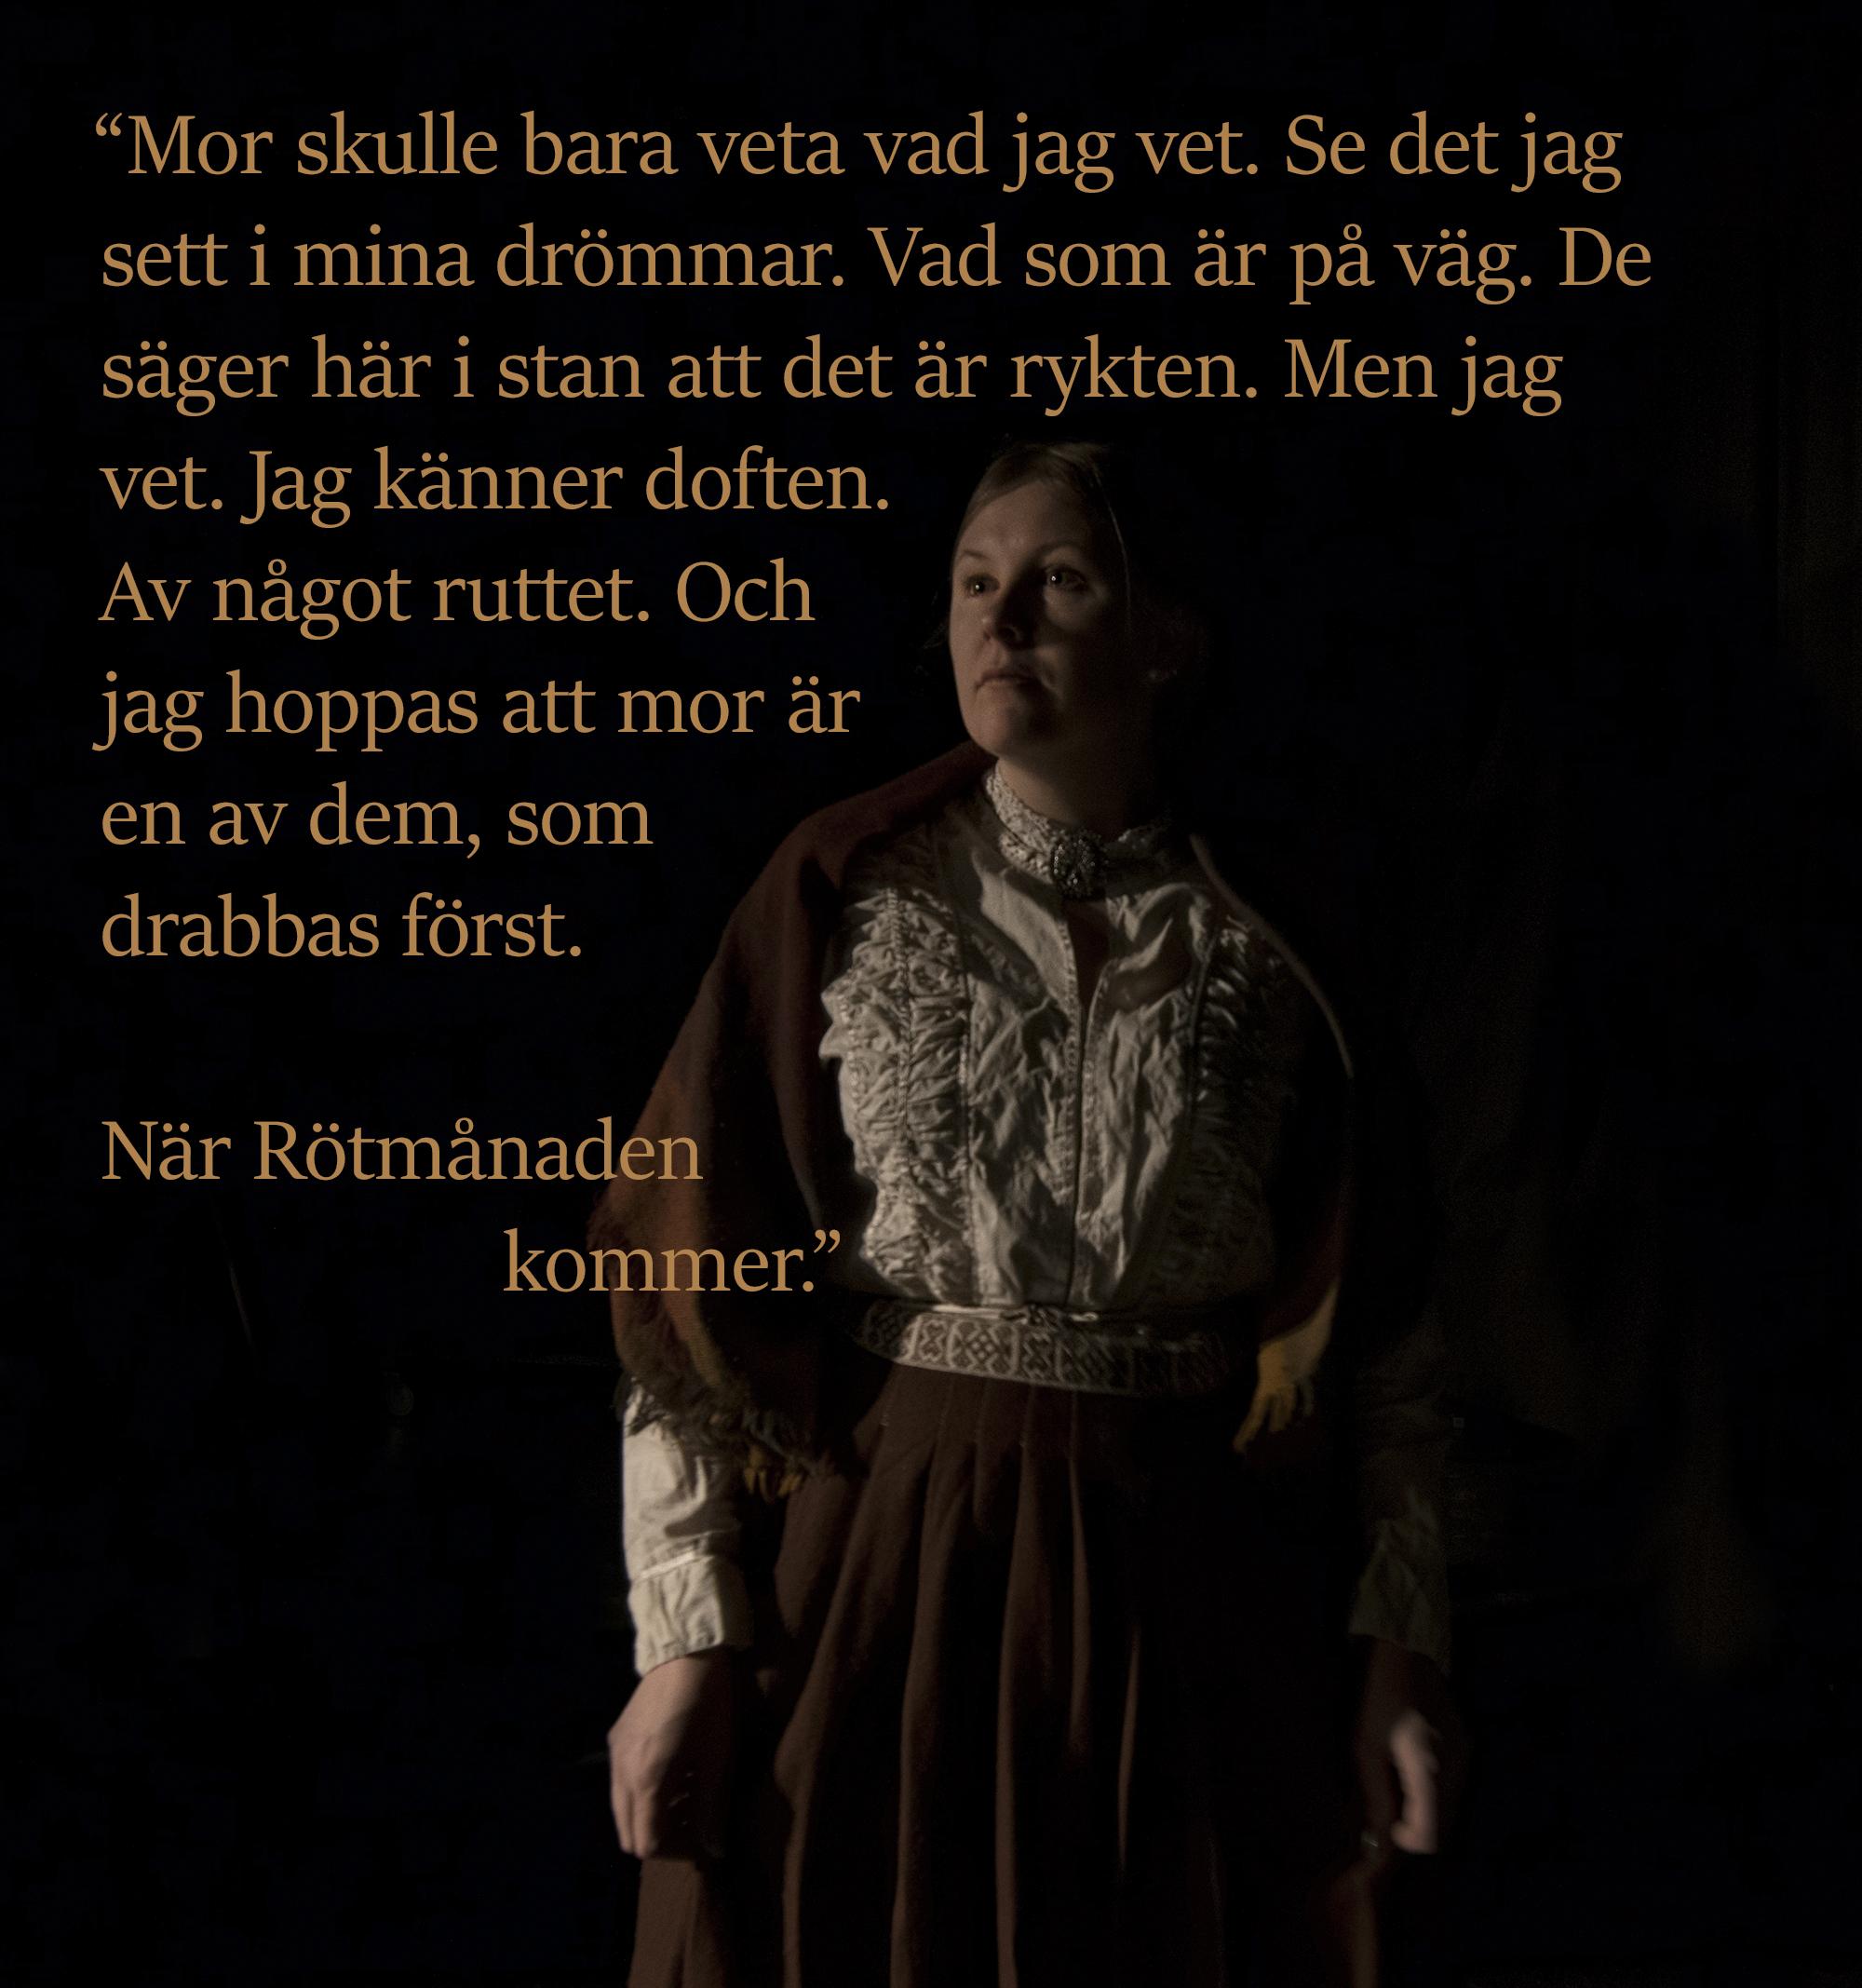 Sen anmälan Rötmånad